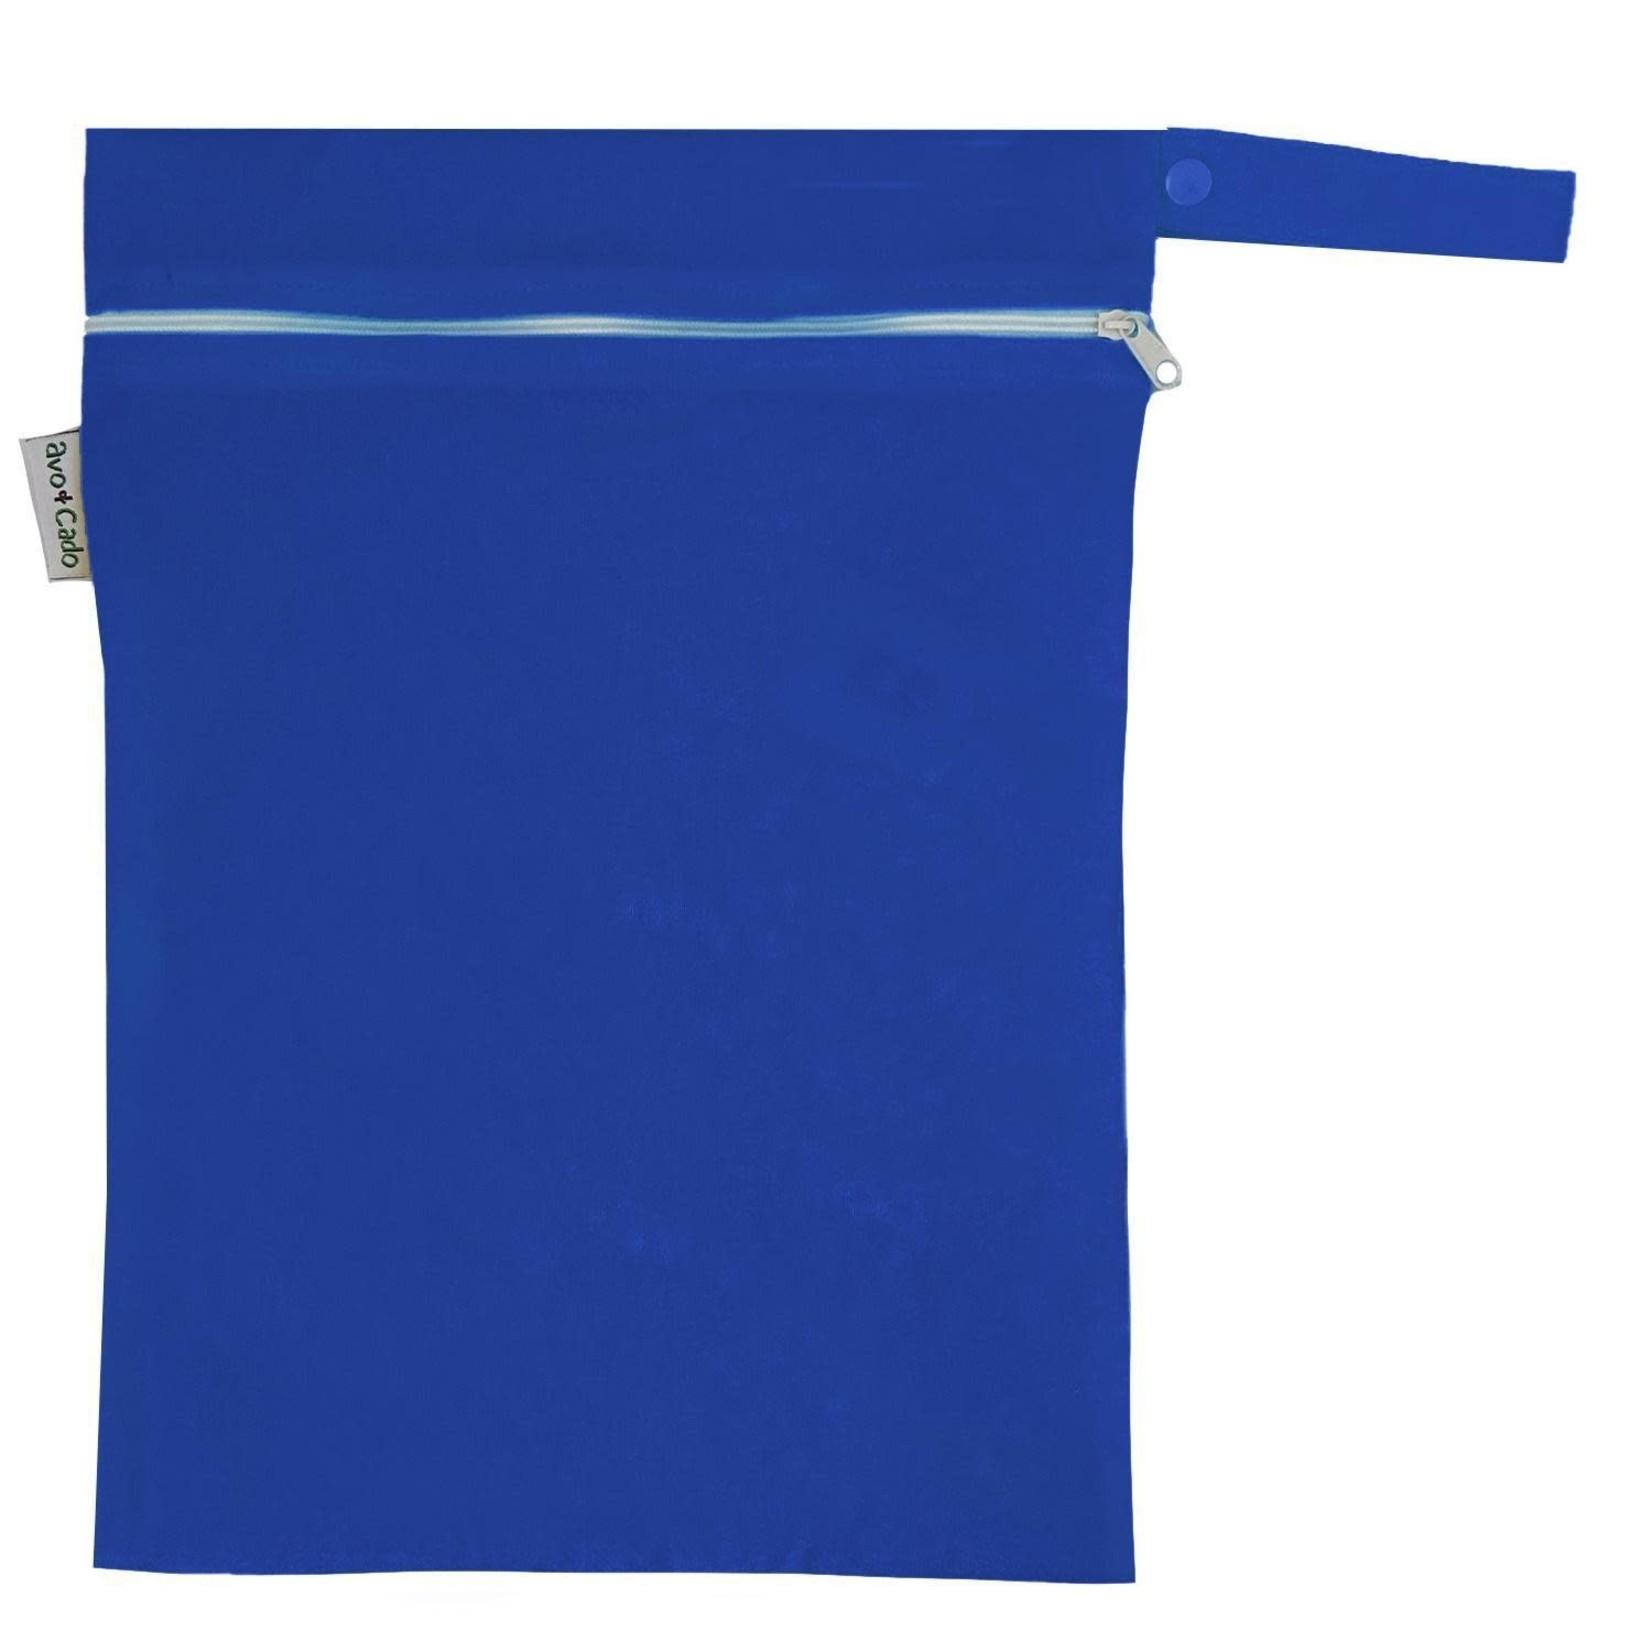 Avo&Cado Wetbag (Blauw)